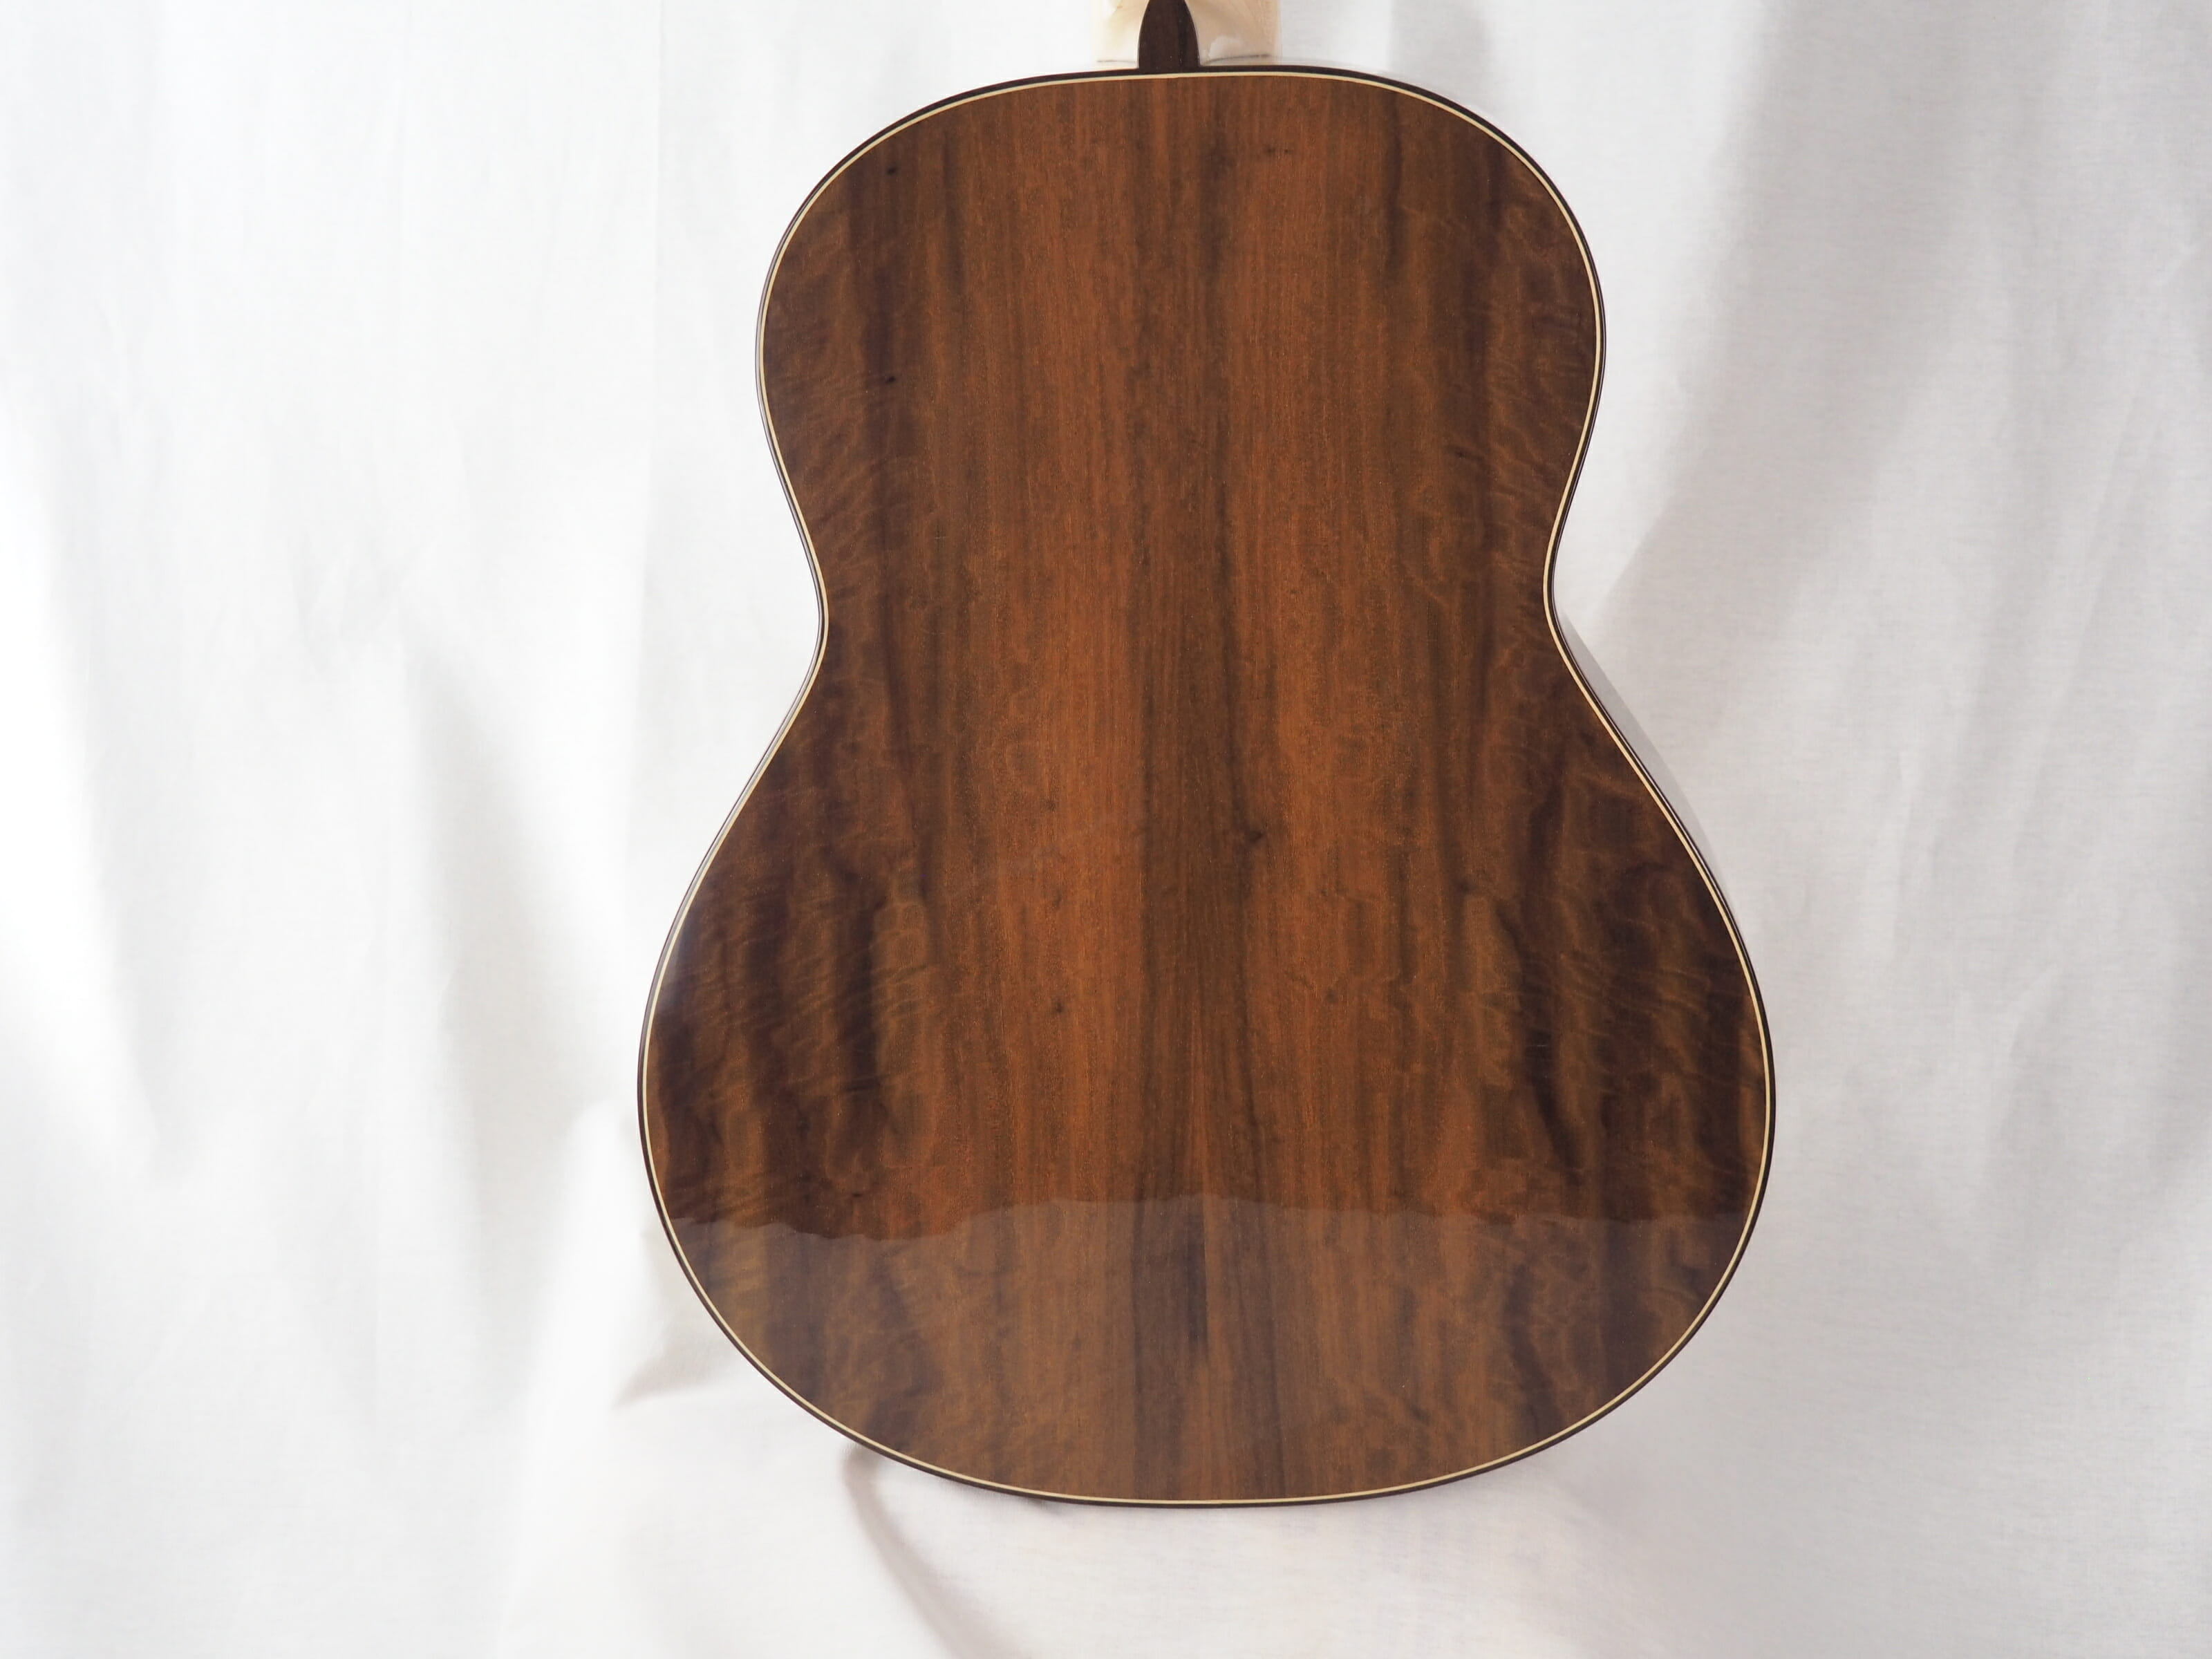 Luthier Jeroen Hilhorst Guitare classique No 131 19HIL131-04